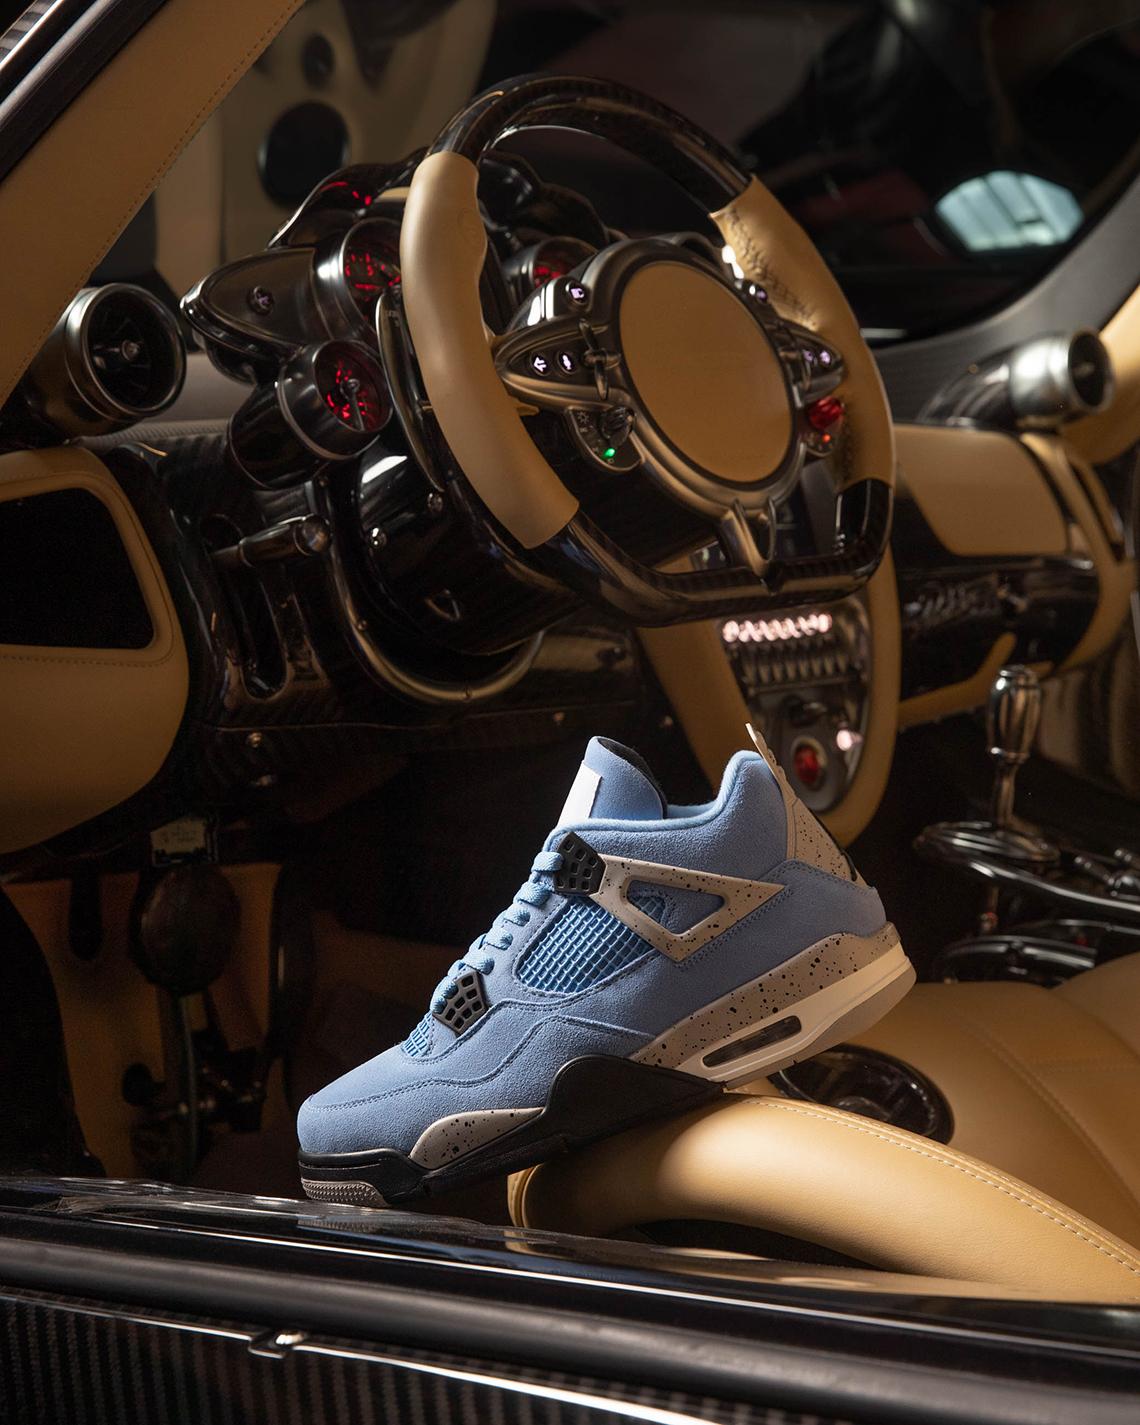 Air Jordan 4 x Pagani Huayra